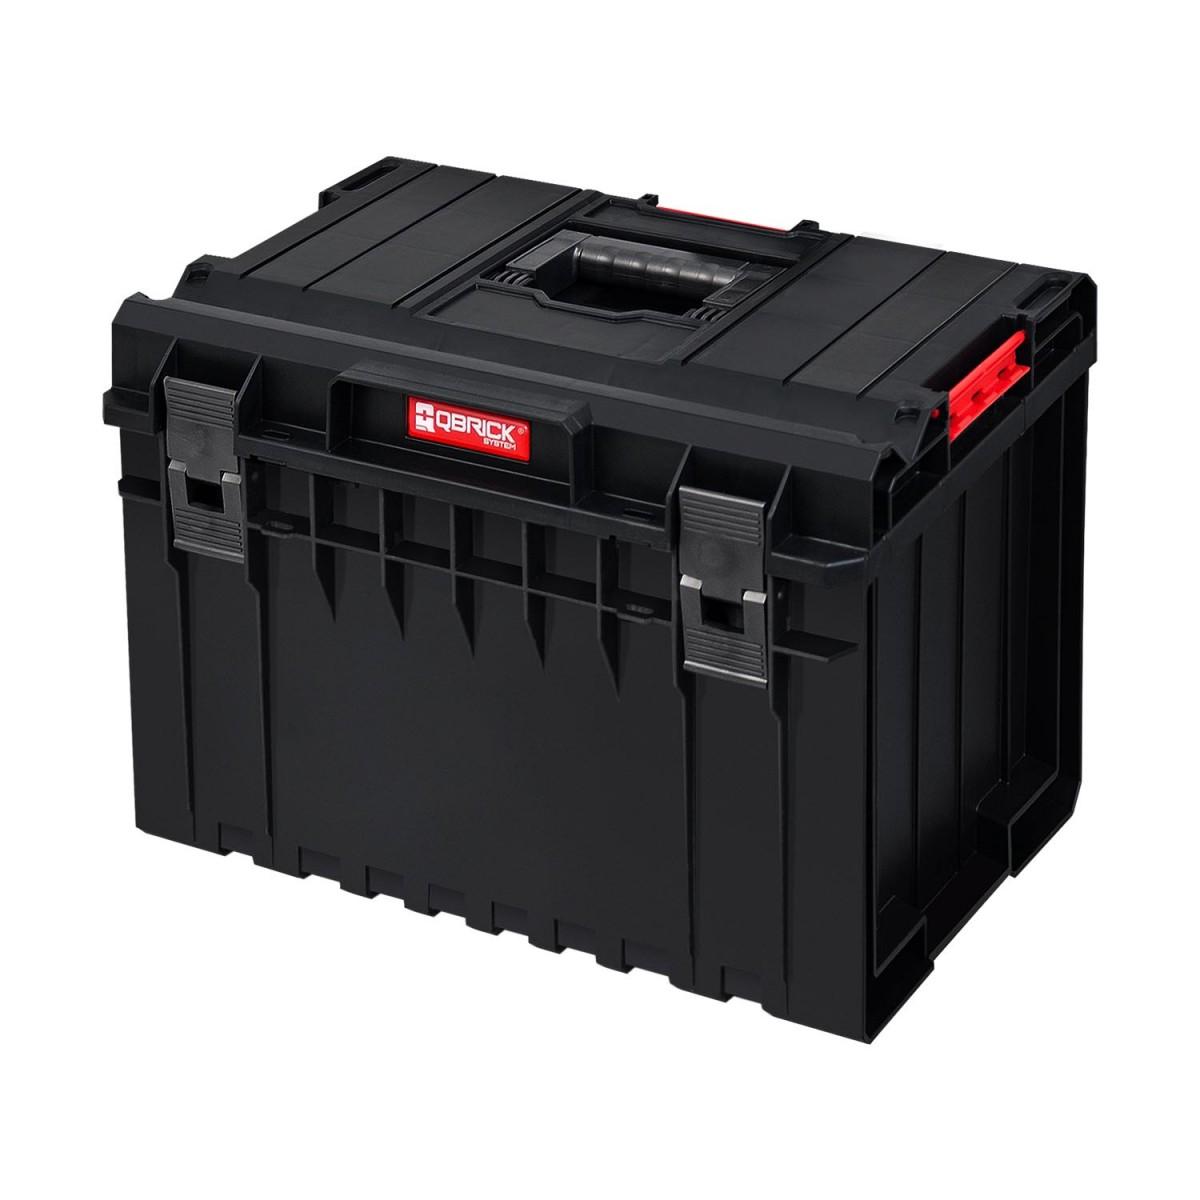 Kufr na nářadí Box QBRICK® System ONE 450 Basic